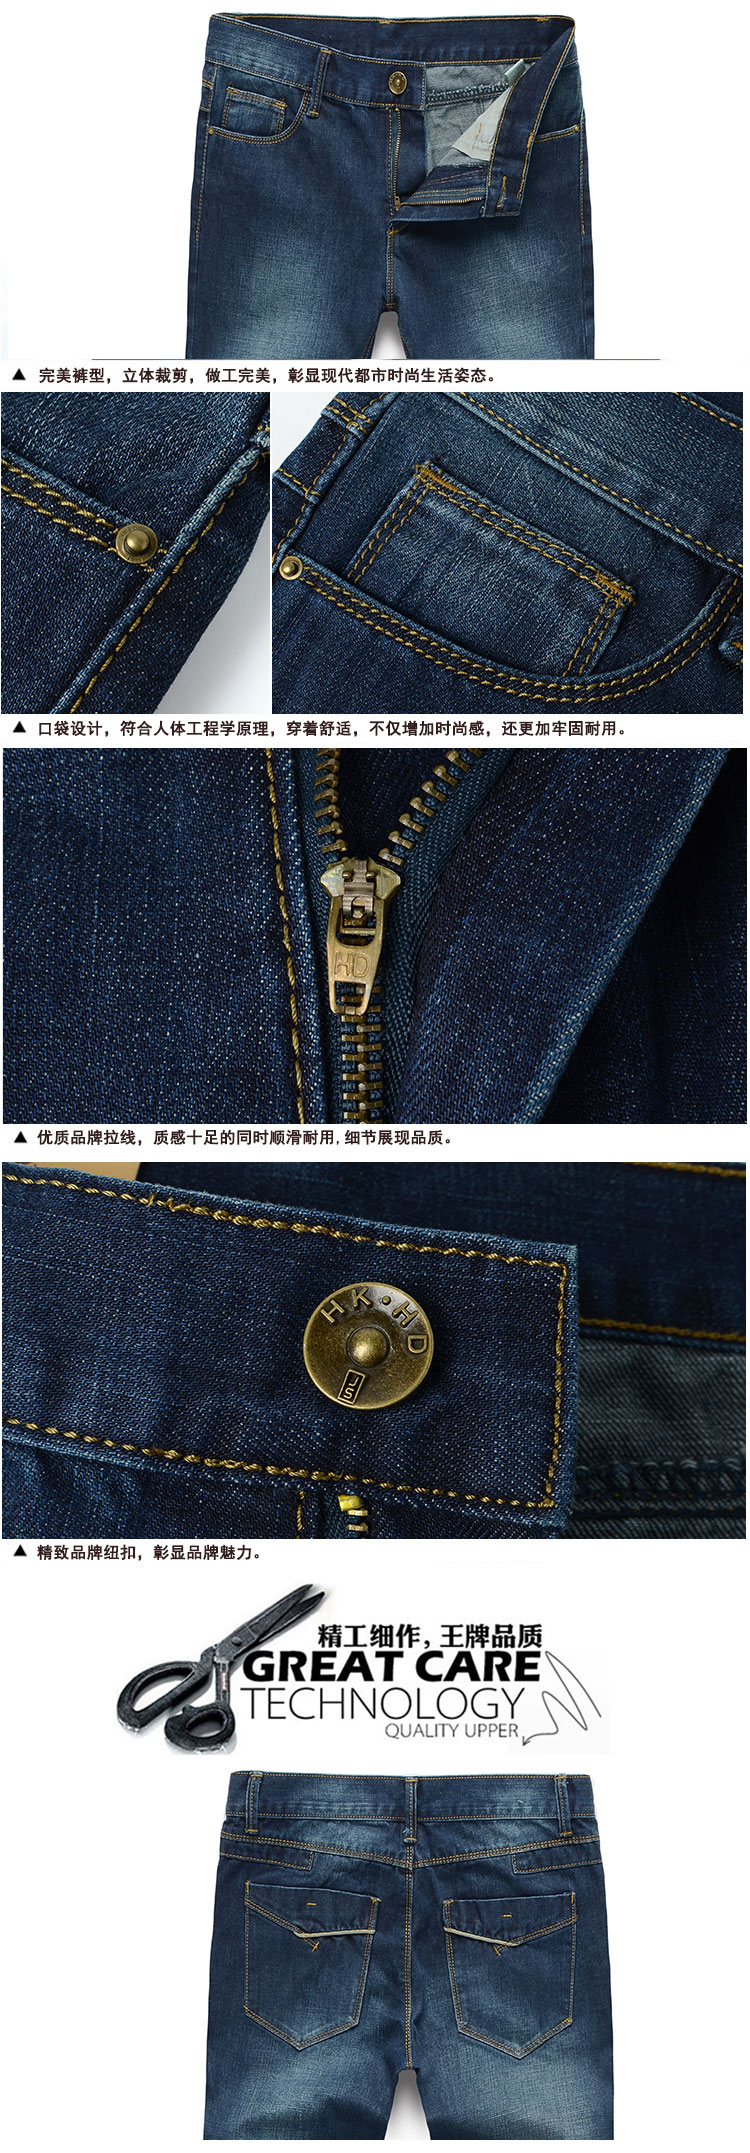 库存牛仔裤男39元批发 修身男式牛仔长裤 男装新款图片五